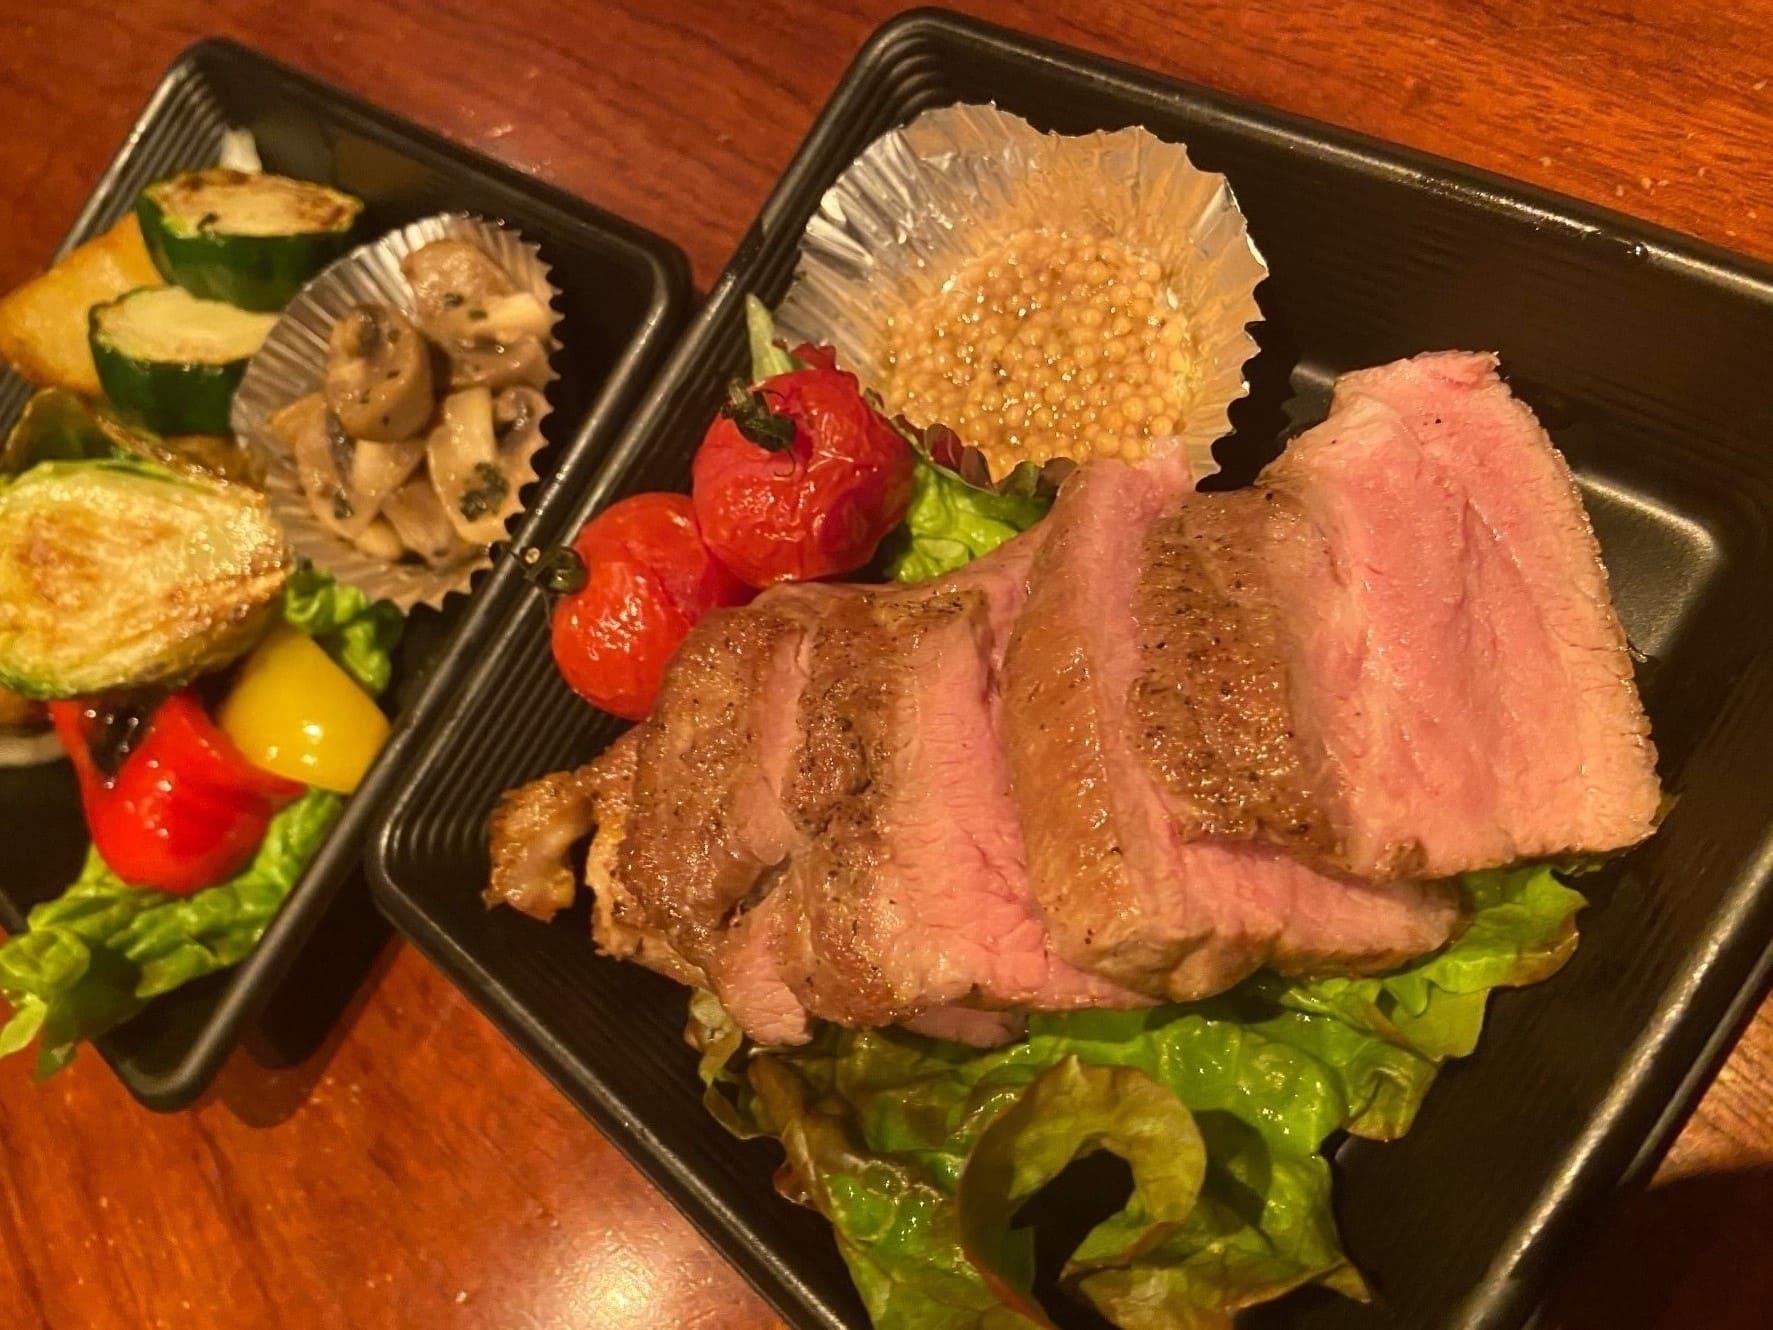 鹿児島産もち豚の赤身と脂身のバランスの良い肩ロース肉をオーヴンでじっくり香ばしく焼きあげました。柔らかい口当たりのもち豚をタスマニアマスタードと一緒にお召し上がり下さい。